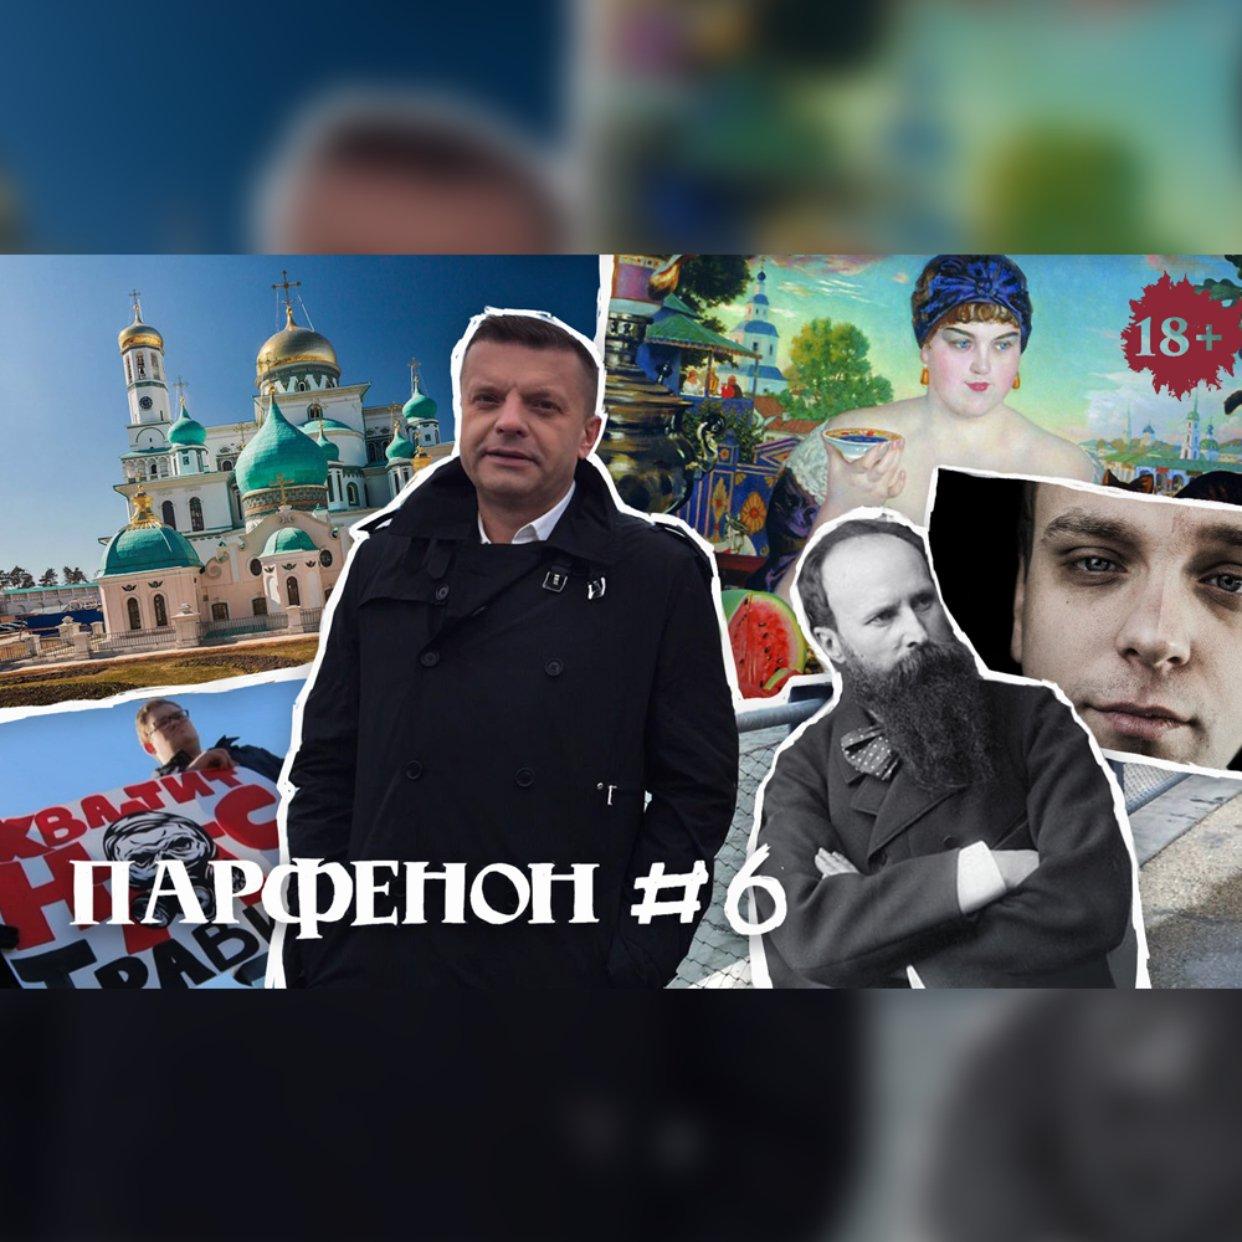 Парфенон #6: Жизнь до Кемерово - Кустодиев, Волоколамск, Верещагин и гастрономия Березуцких